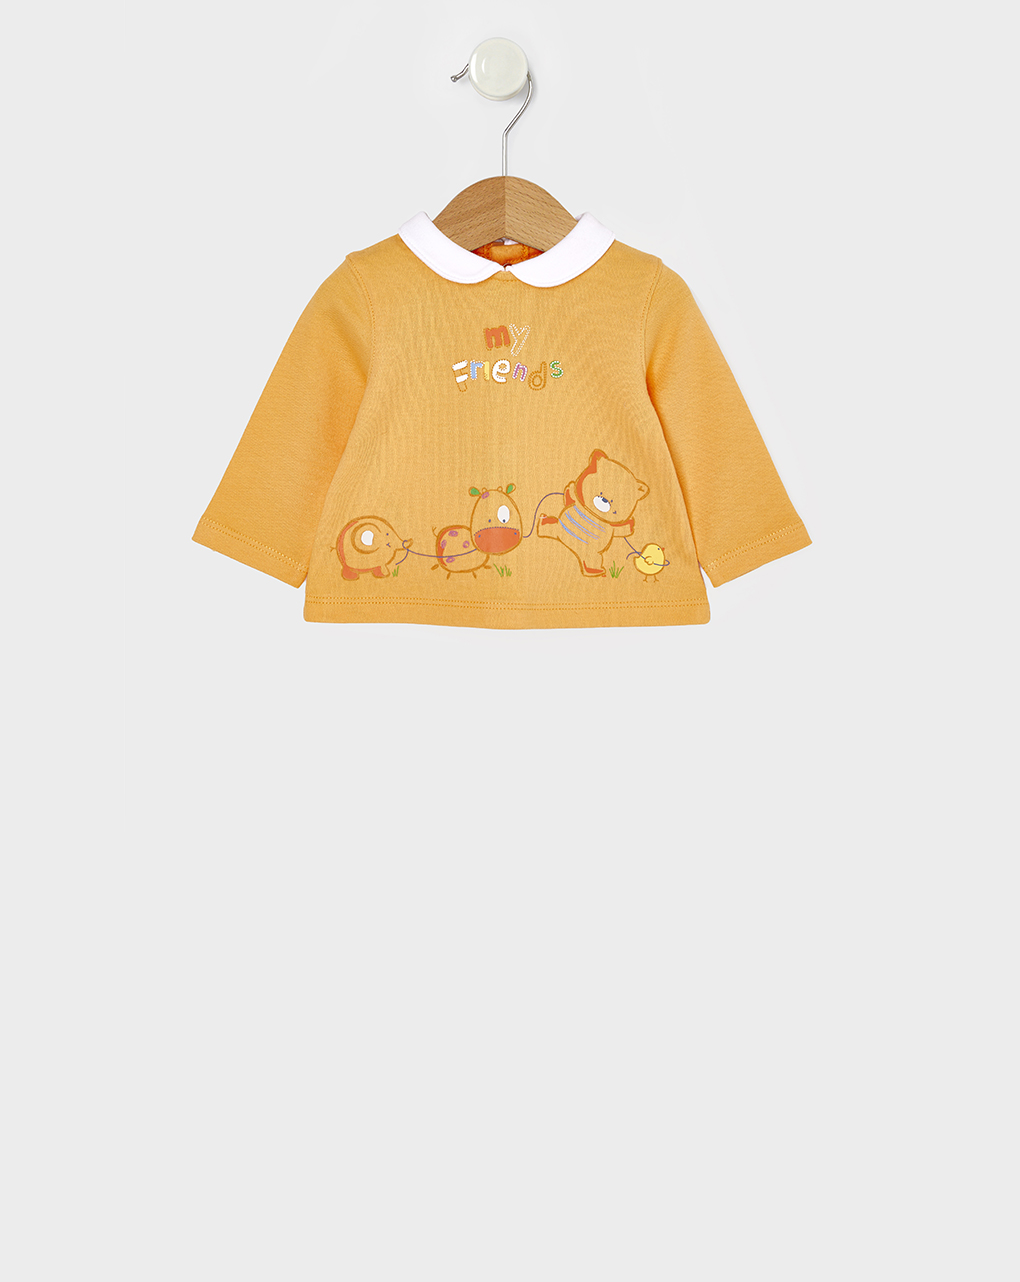 Μπλούζα Μακρυμάνικη Πορτοκάλι με Ζωάκια Unisex